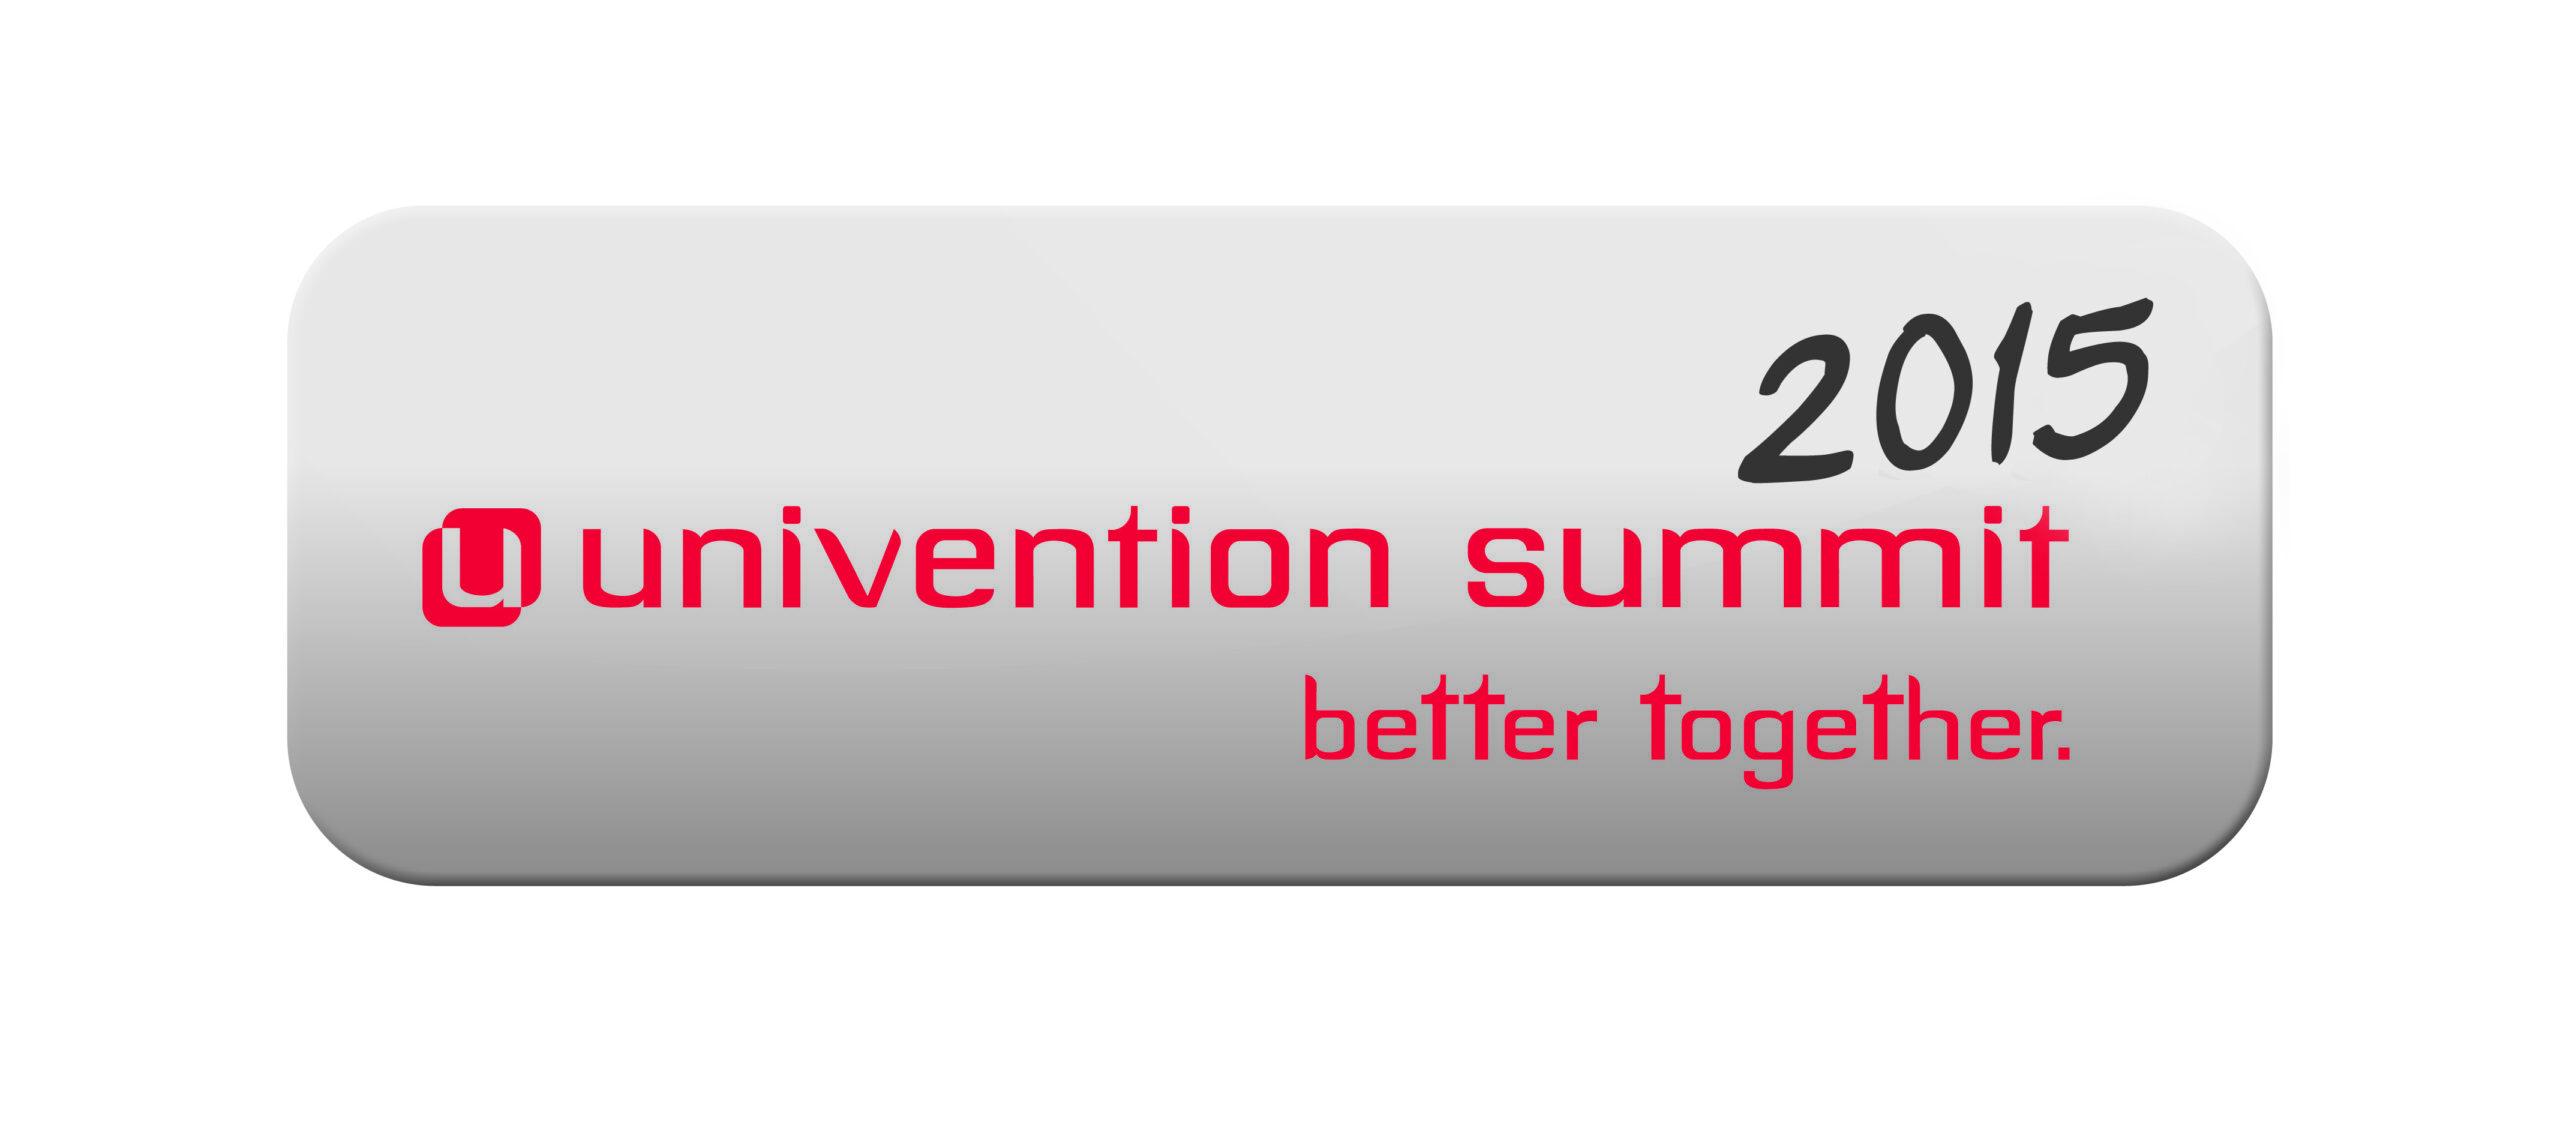 Treffen Sie LINET Services am 15. Januar 2015 auf dem Univention Summit in Bremen.